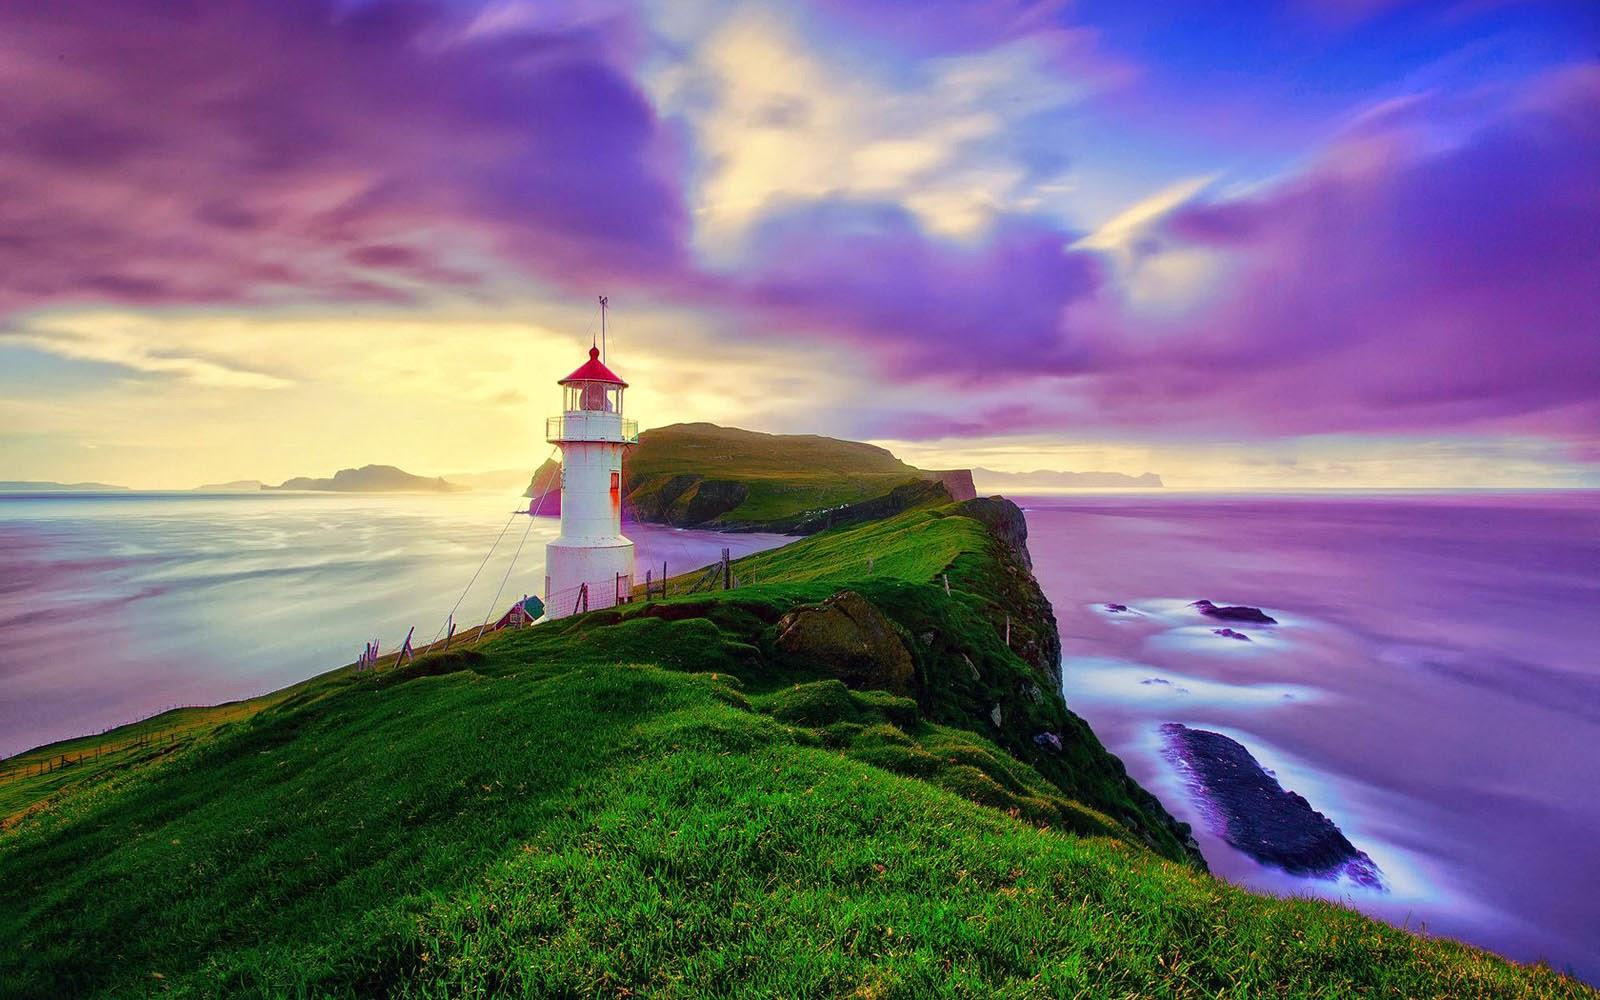 lighthouse wallpaper desktop - photo #38